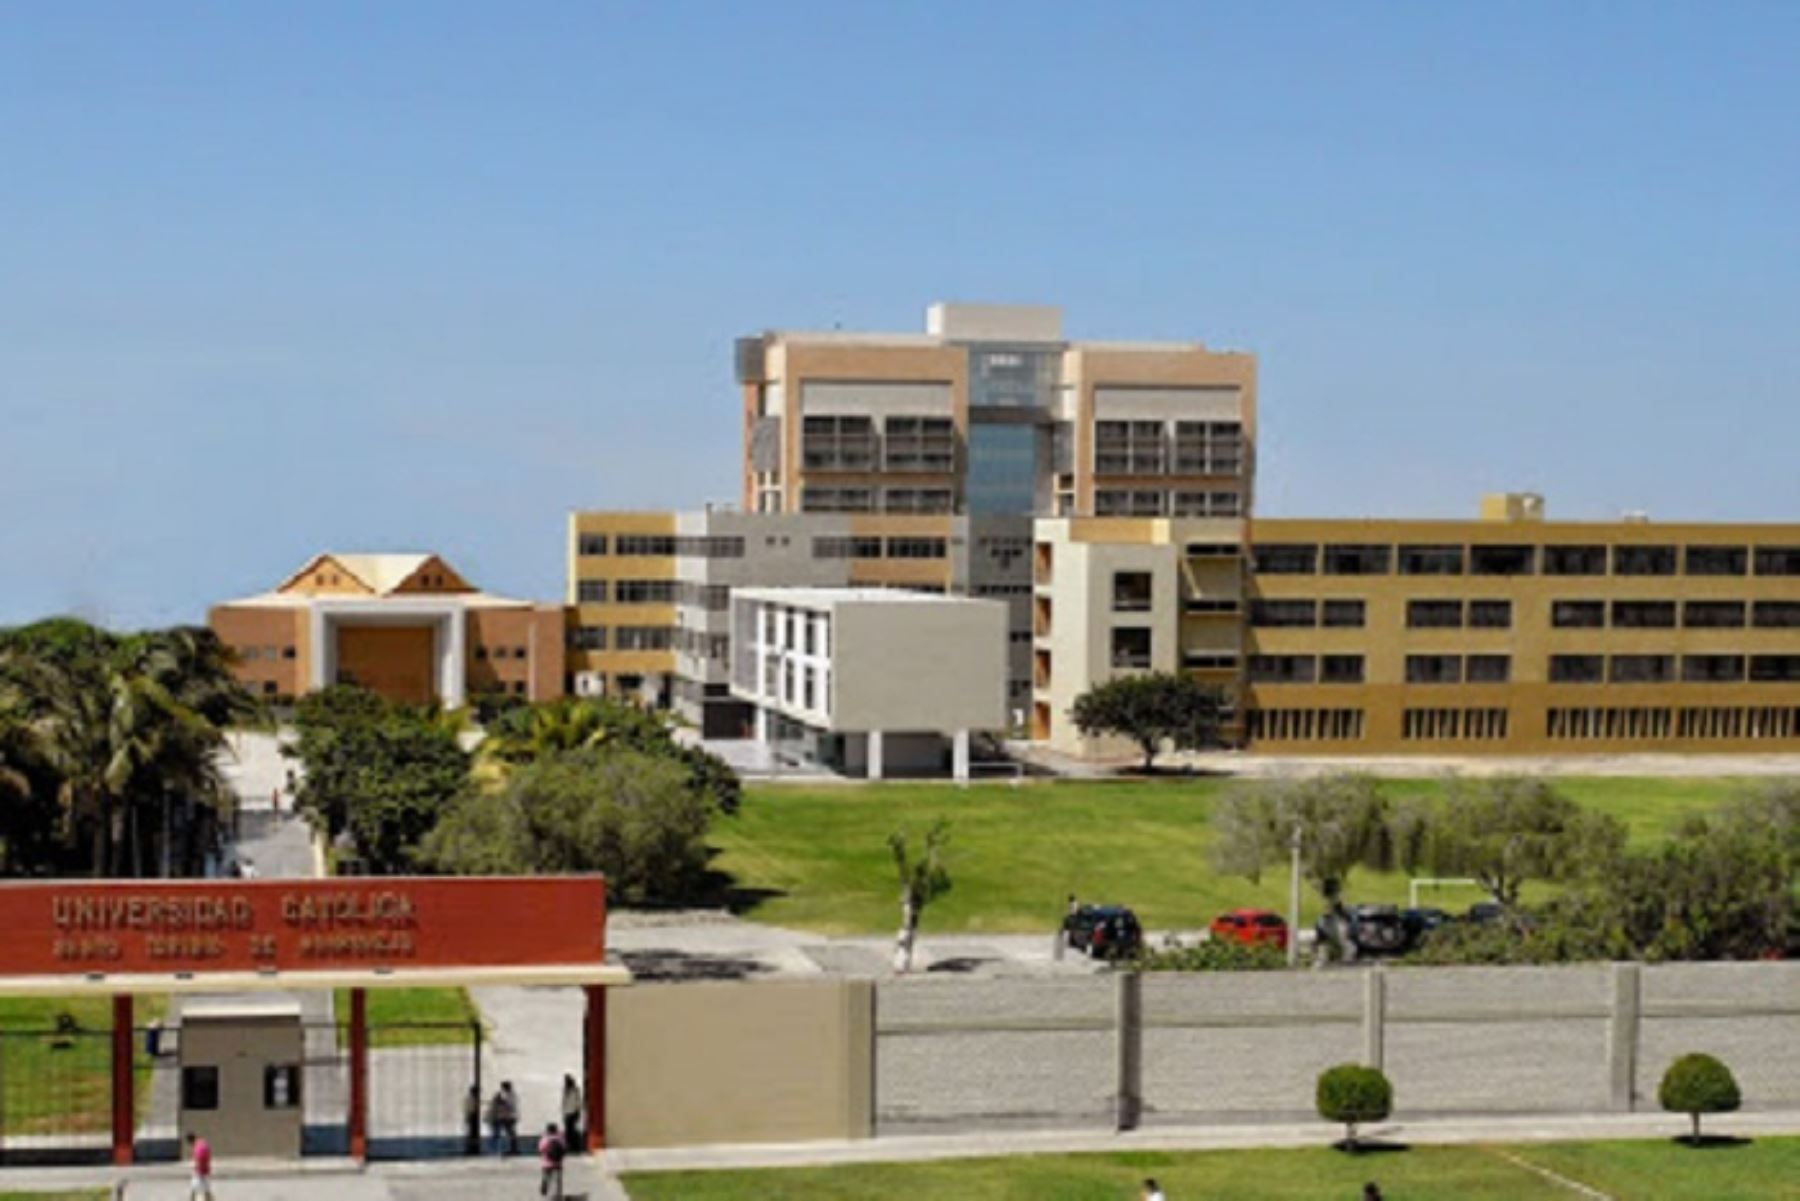 La Universidad Católica Santo Toribio de Mogrovejo, la Universidad Nacional Federico Villarreal y la Universidad San Ignacio de Loyola ya han formulado sus reportes.